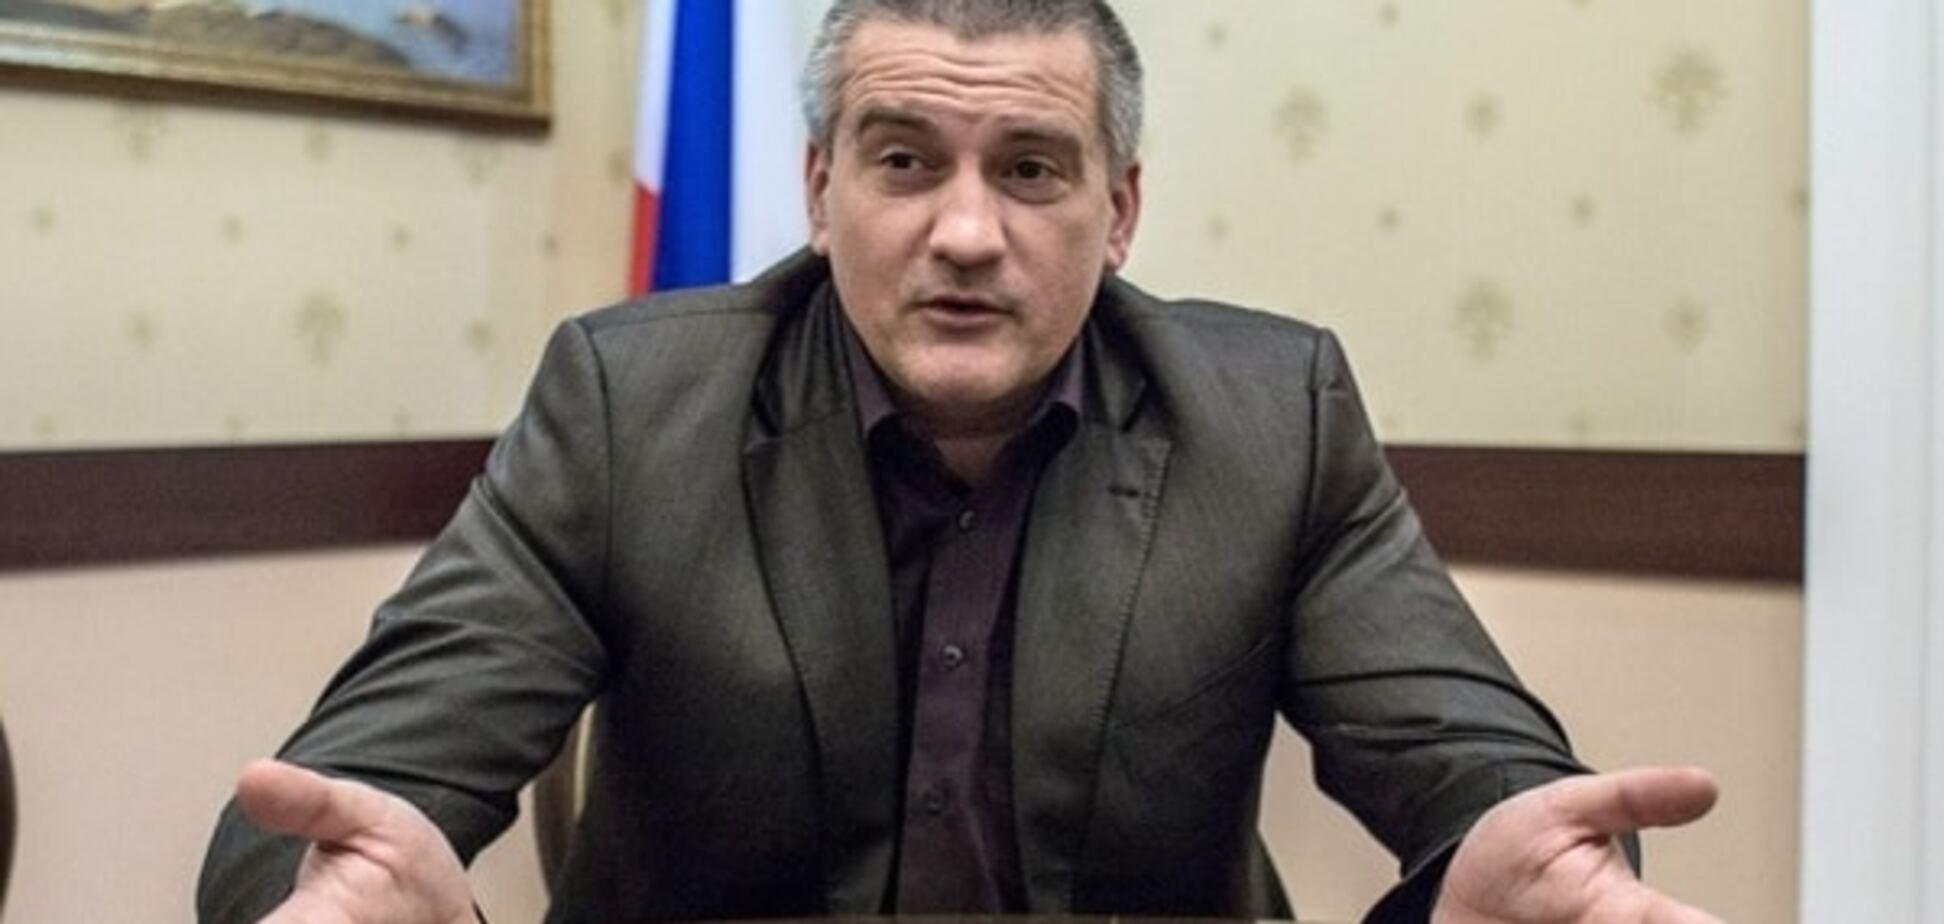 'У нас гривні не ходять, можемо намалювати': жебрак Аксьонов 'пробачив' Україна свої борги за Крим